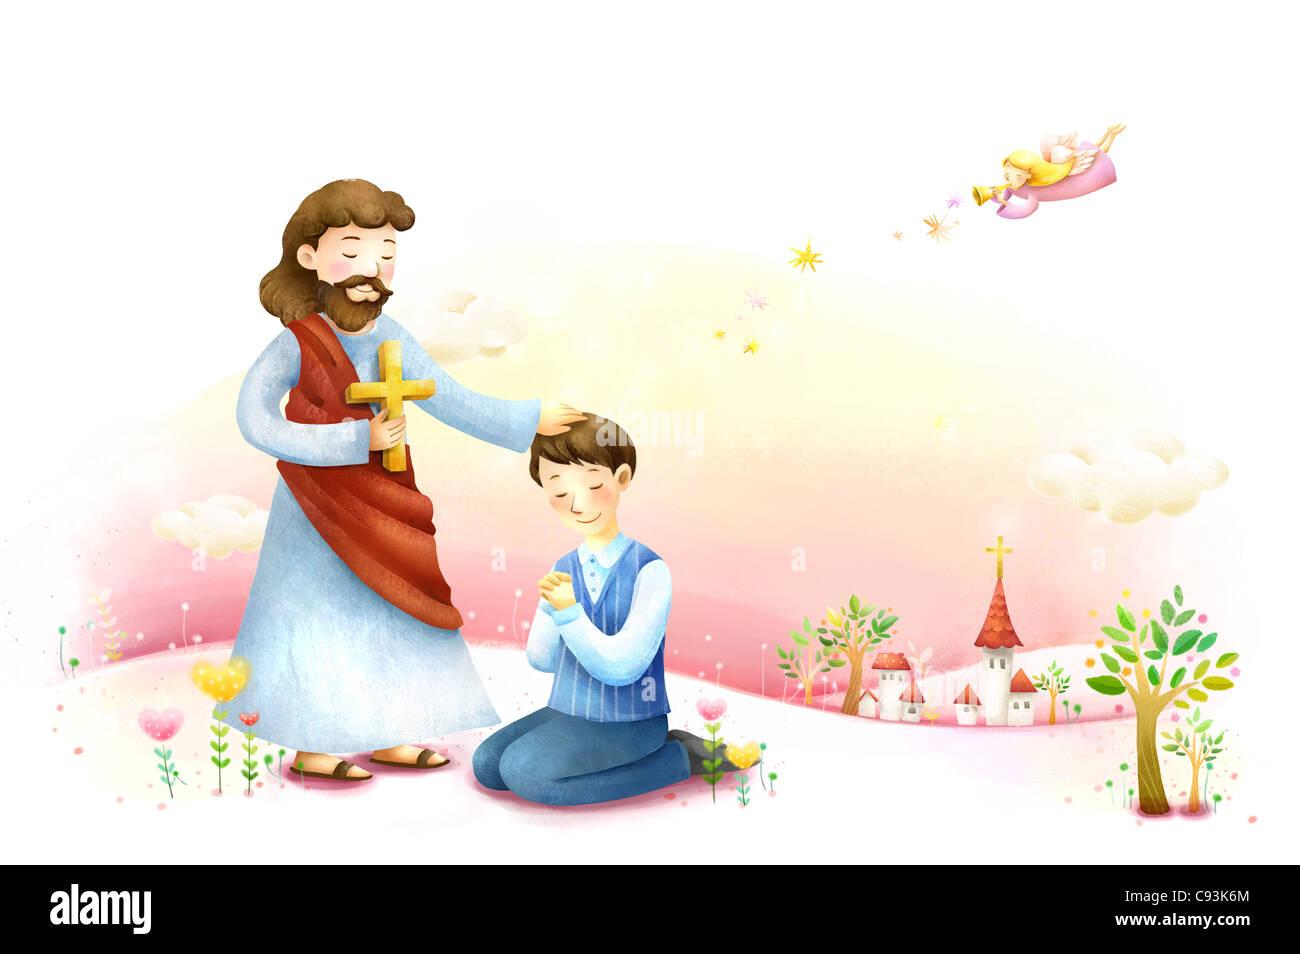 Man praying in front of Jesus Christ - Stock Image